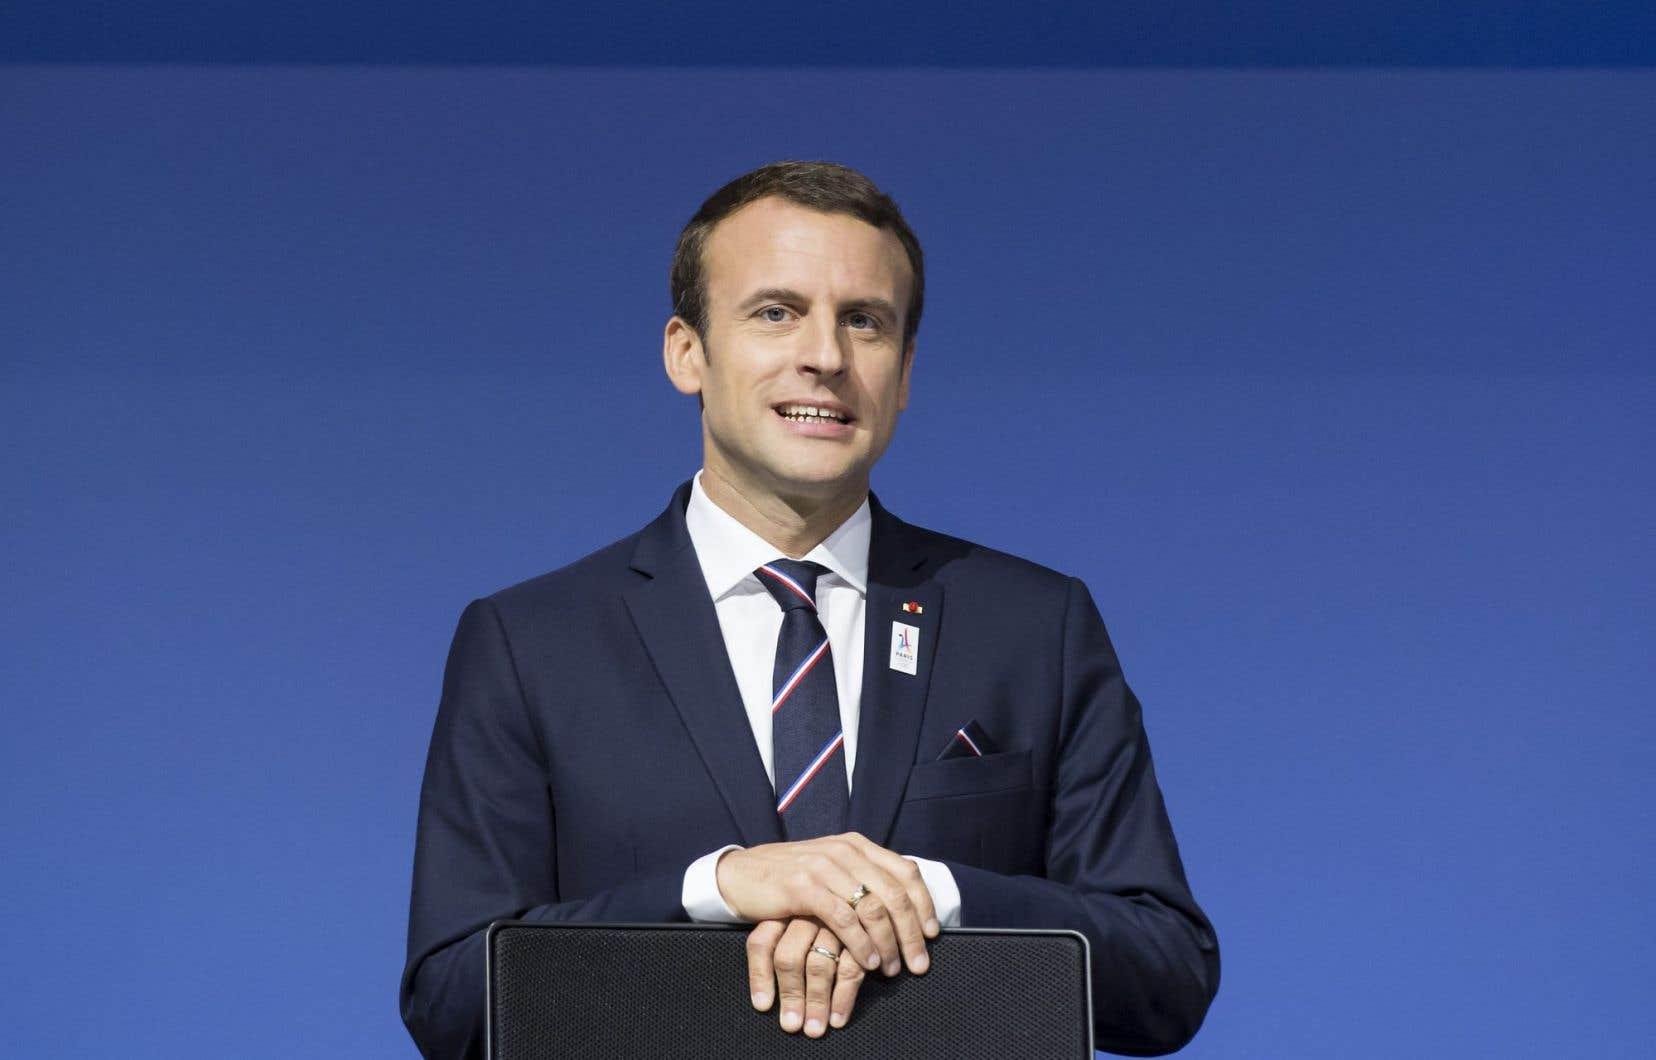 Pendant la campagne, Emmanuel Macron avait évoqué le chiffre de 2,8% de déficit en 2018, mais il pourrait être tenté désormais de s'en tenir au strict minimum, à savoir 3%.